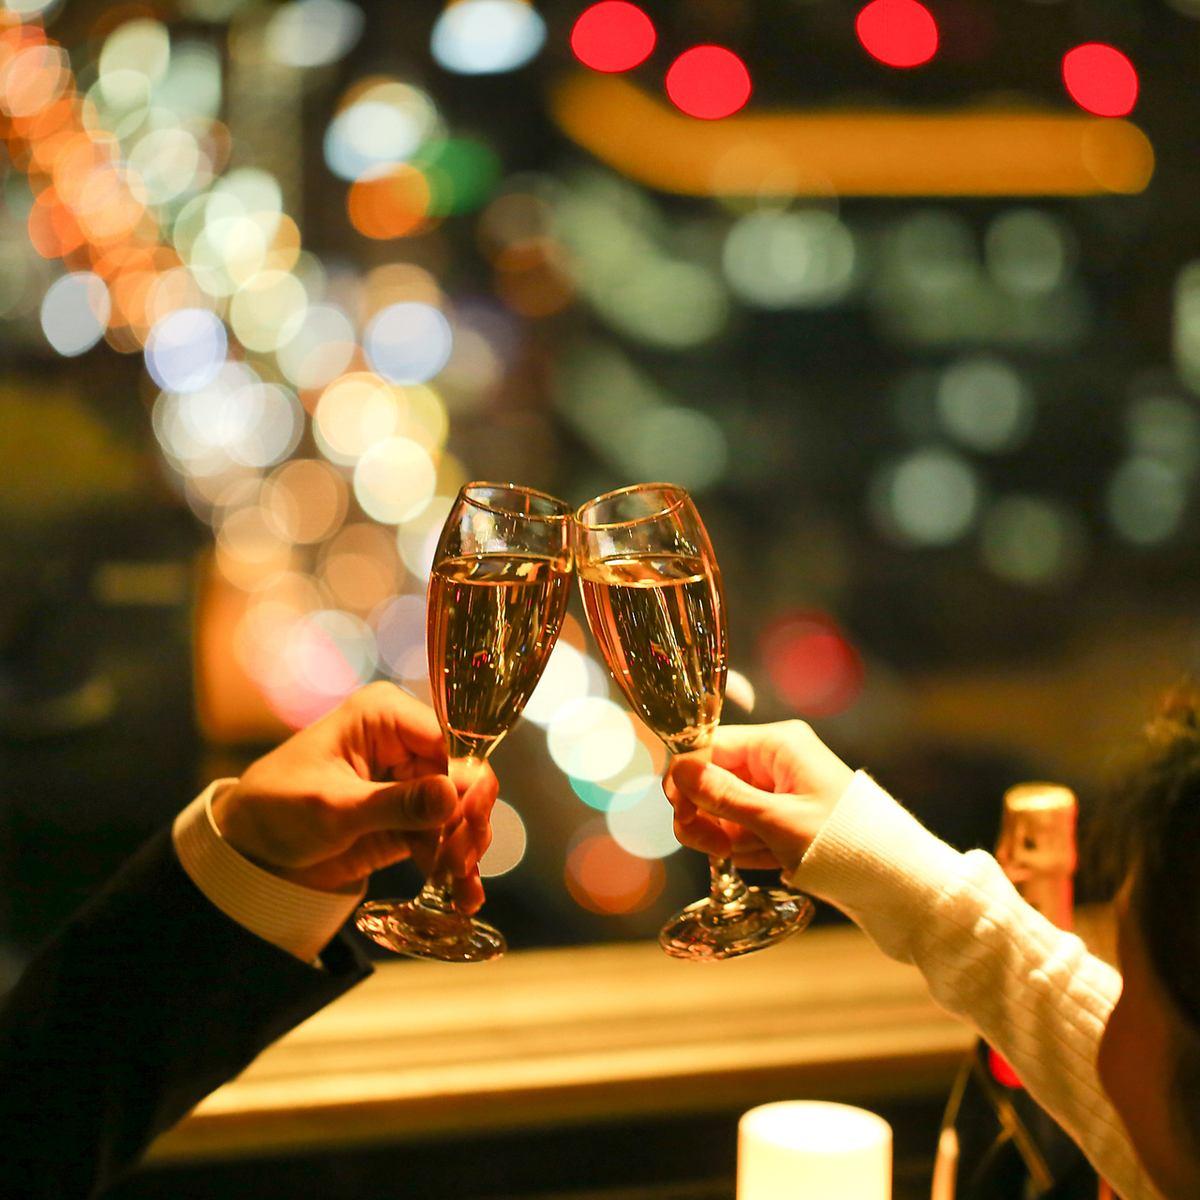 32階の美しい夜景に感動。雰囲気も抜群でデートにぴったり♪